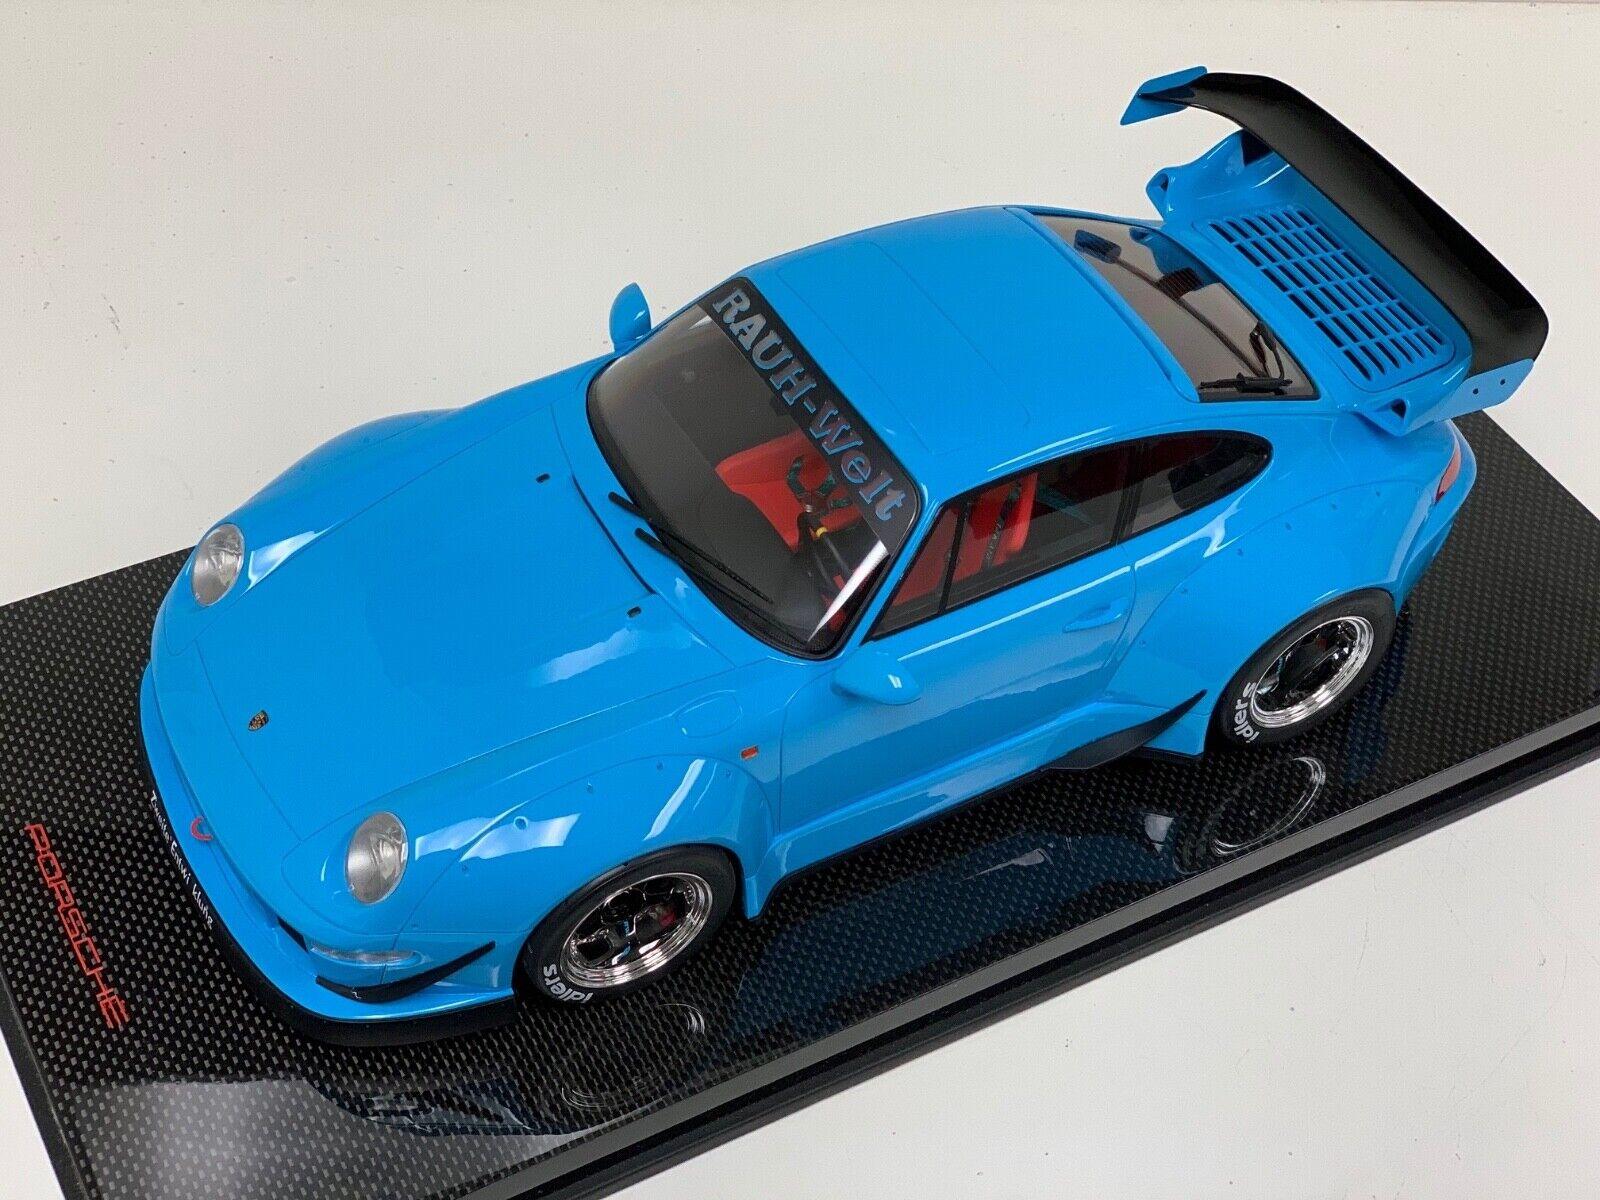 1/12 GT Spirit Porsche 911 RWB 993 in Baby Blue - Gt167 on Carbon fiber base